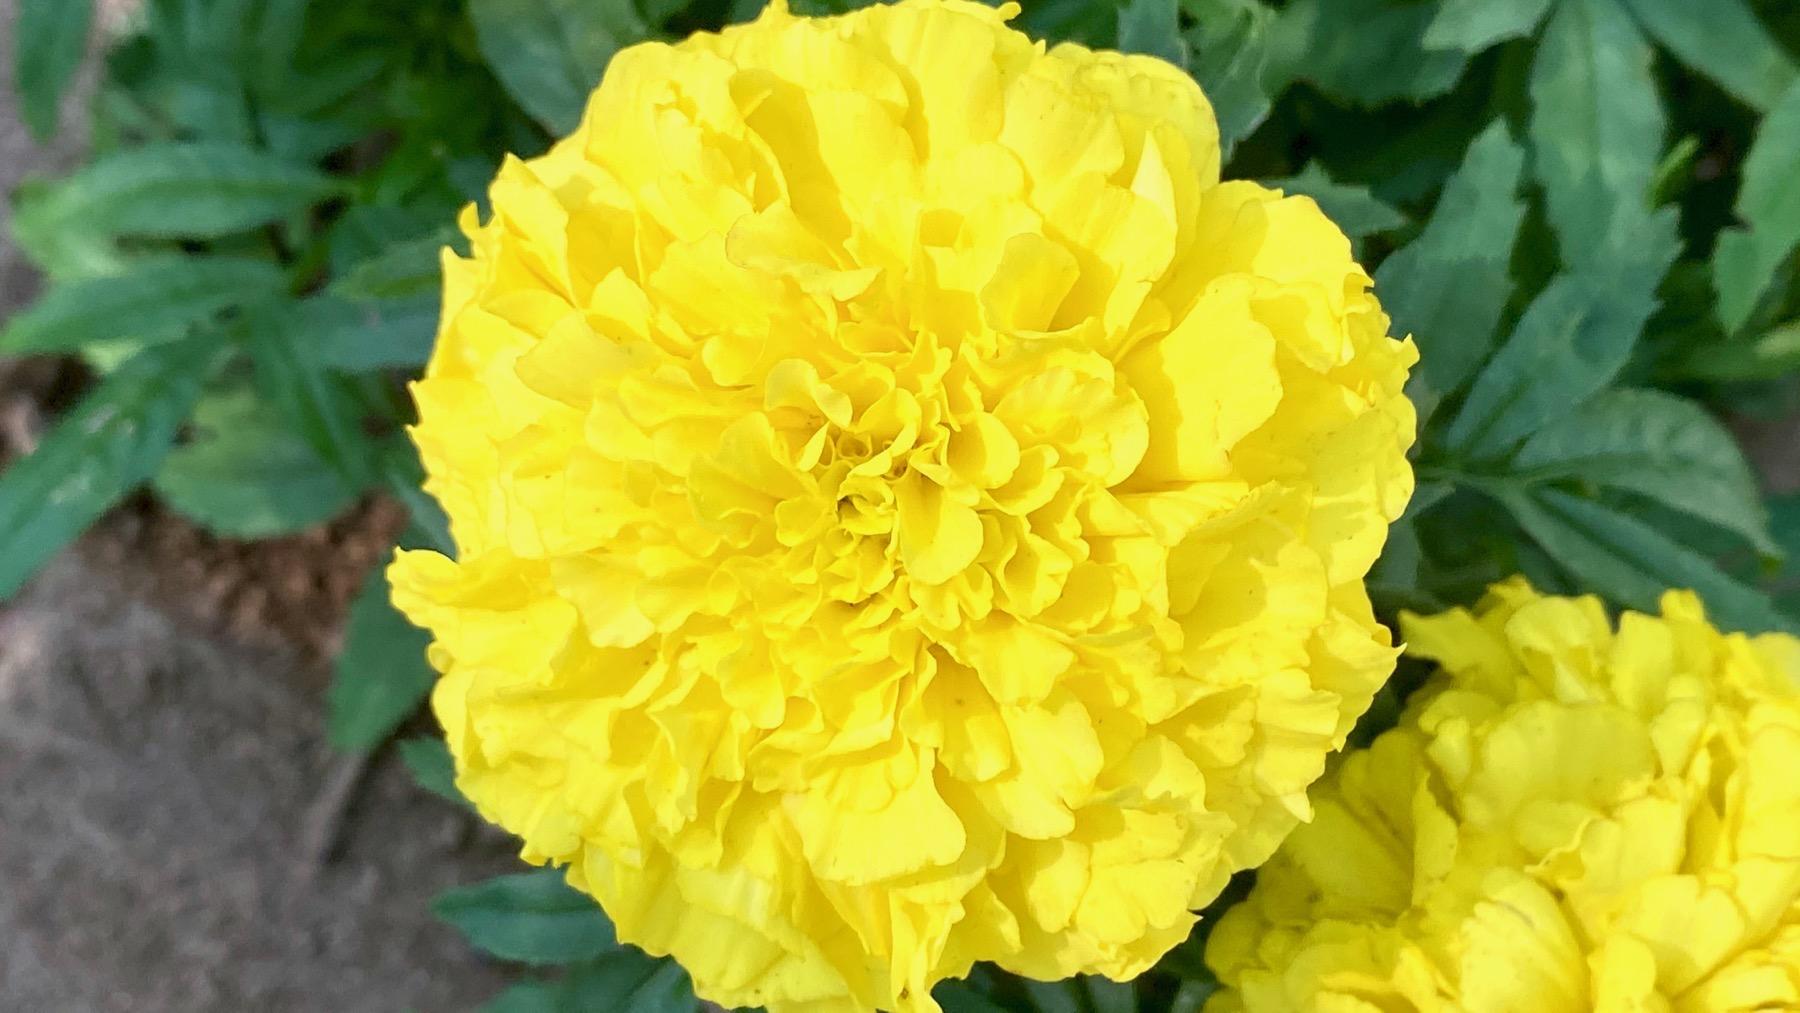 Marigold display